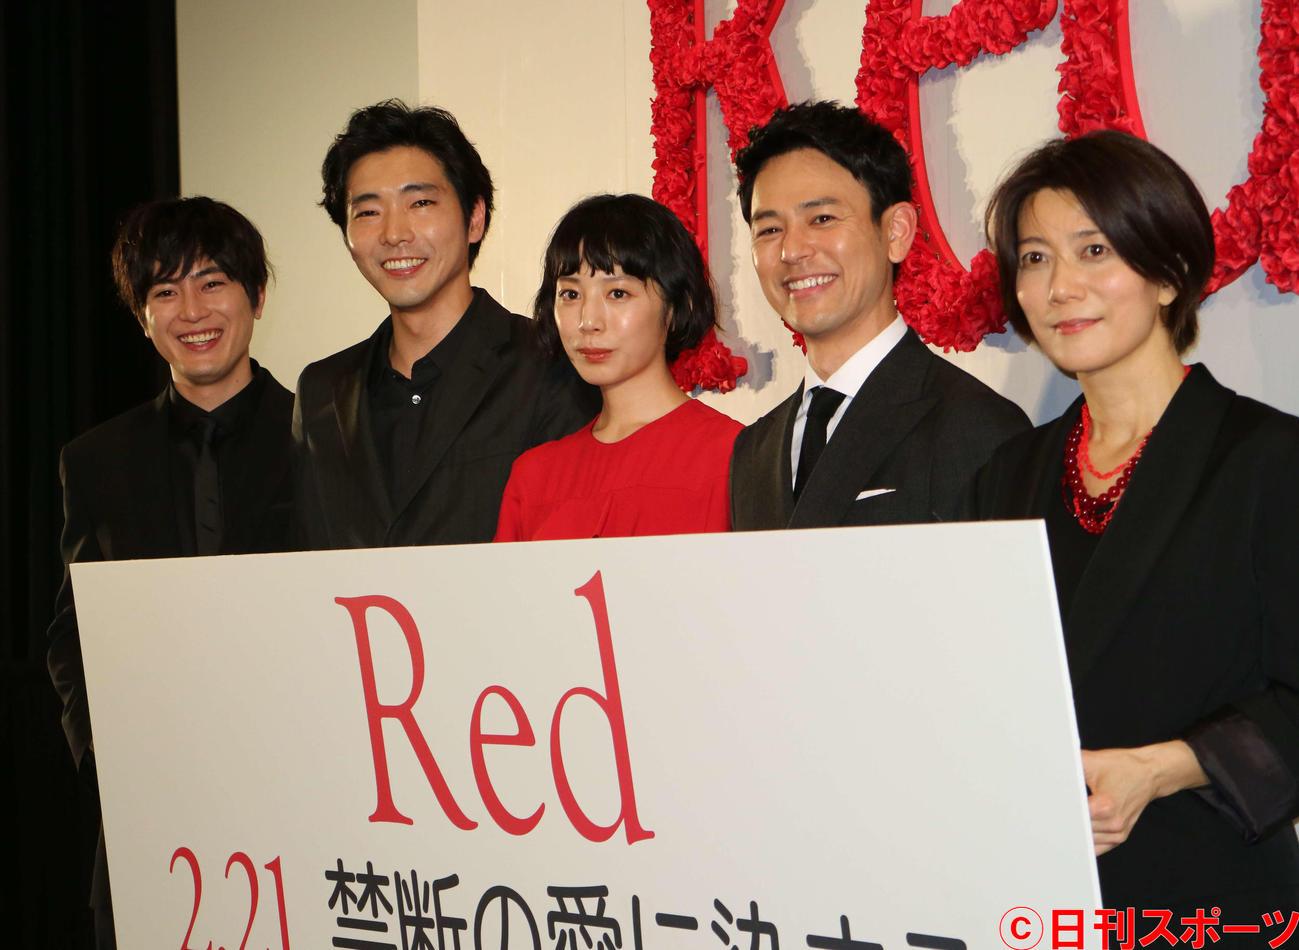 映画「Red」の完成試写会に出席した、左から間宮祥太朗、柄本佑、夏帆、妻夫木聡、三島有紀子監督